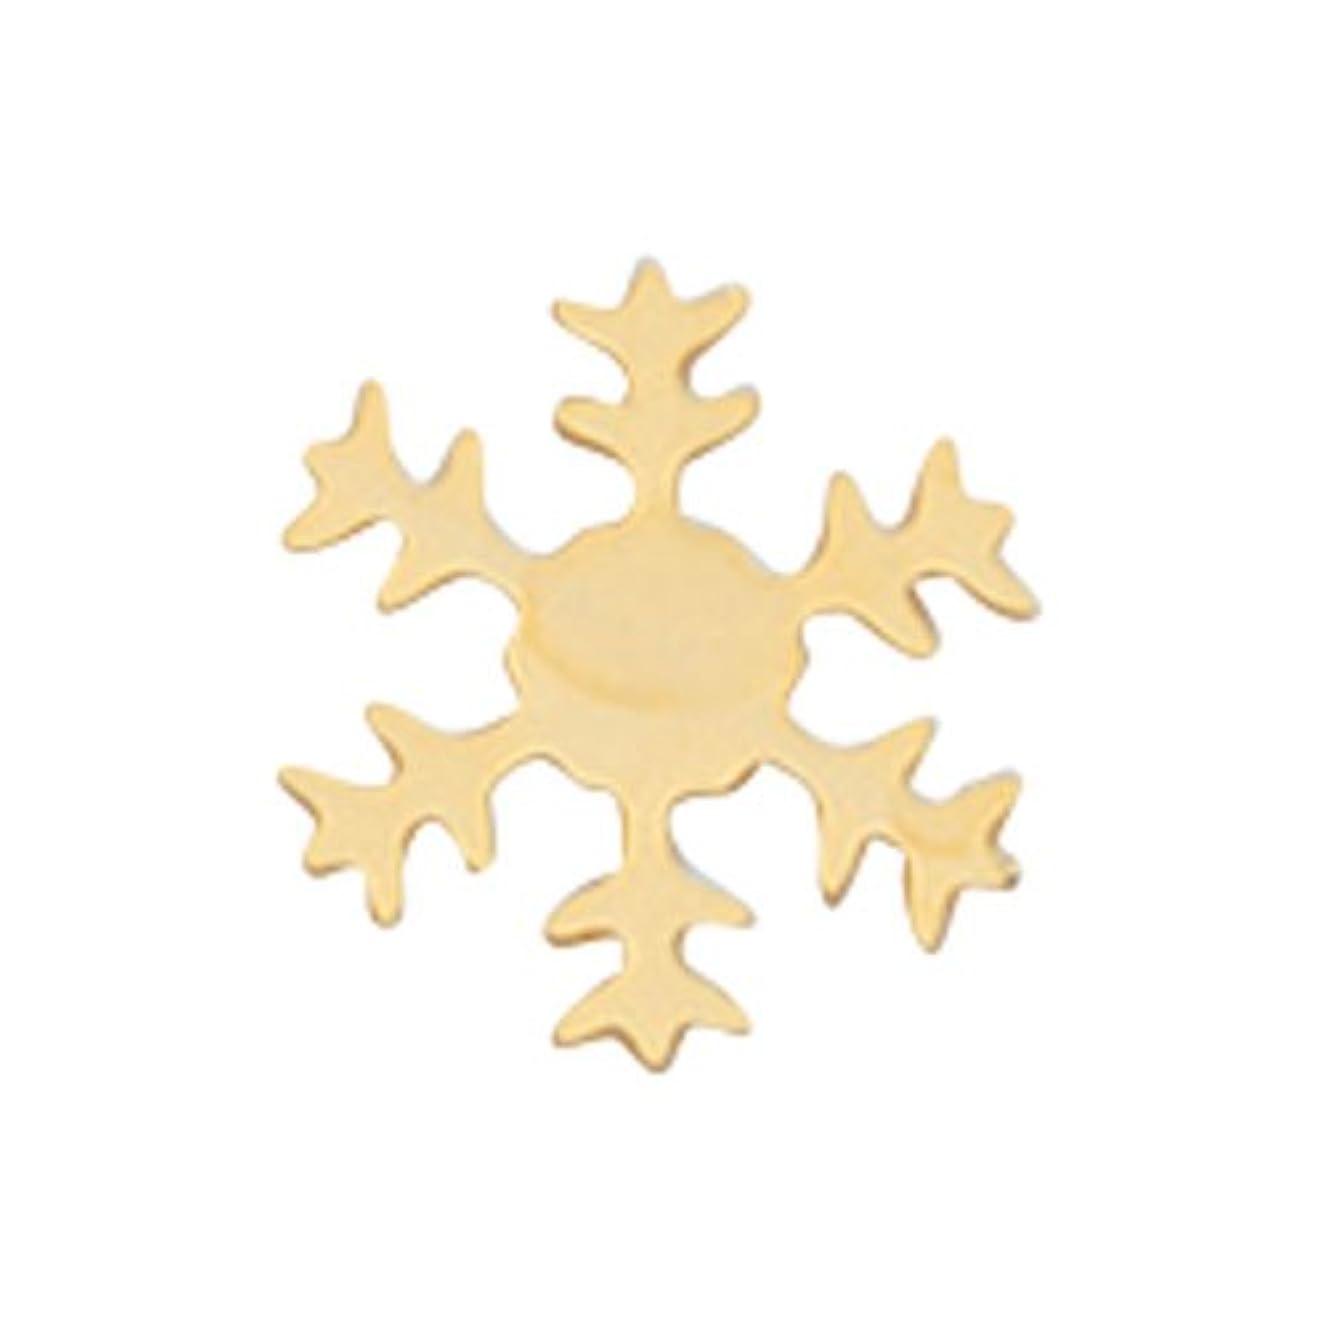 スリーブ年金帳面リトルプリティー ネイルアートパーツ スノーフレーク SS ゴールド 10個